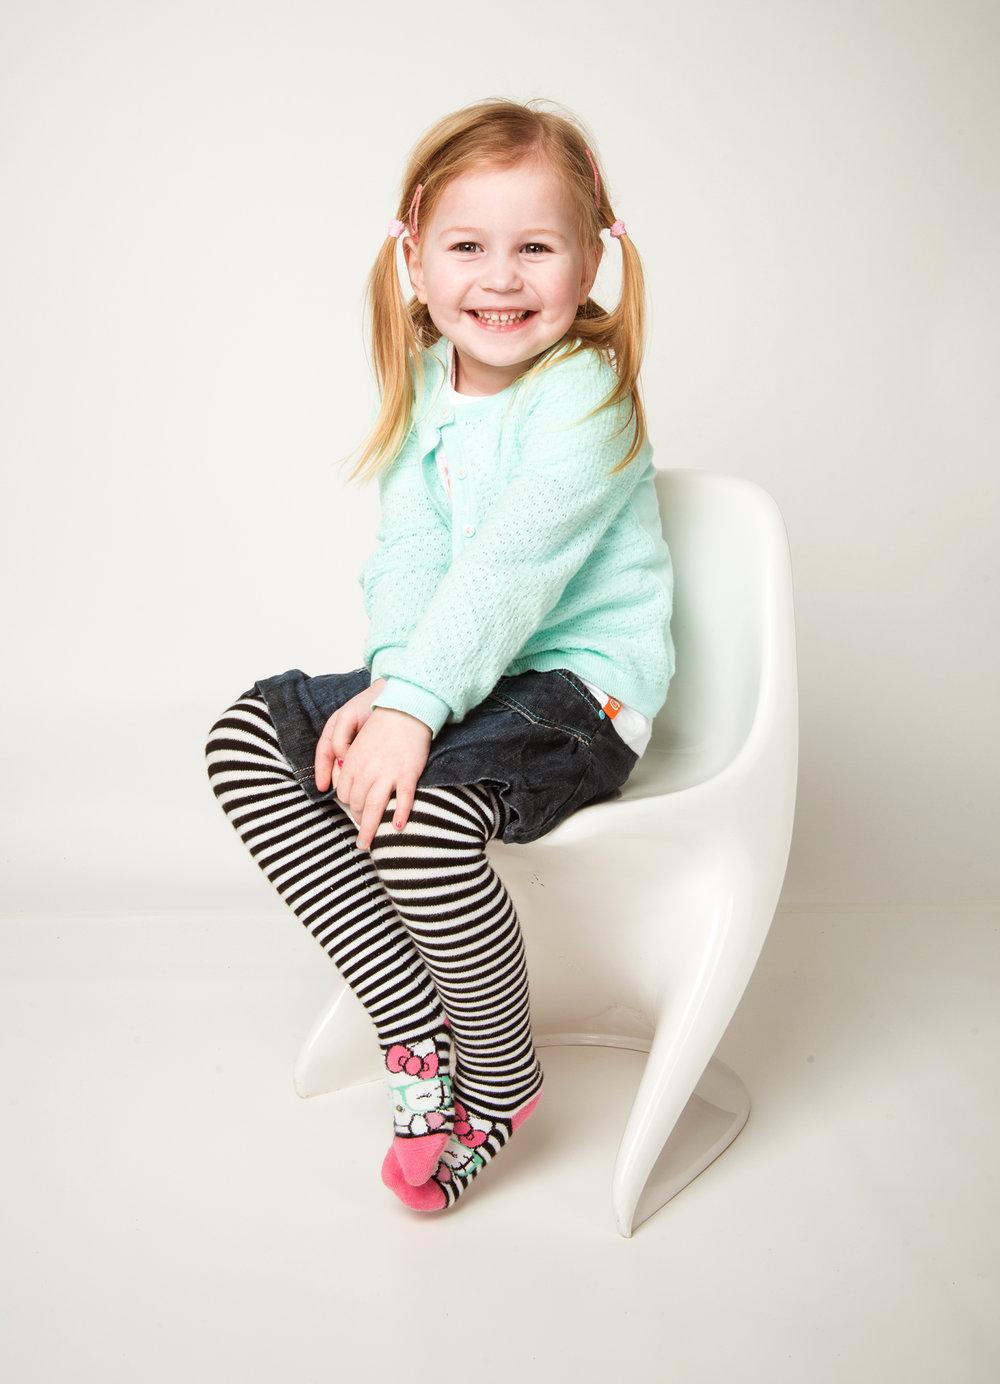 kindergartenfoto-mit-stuhl.jpg